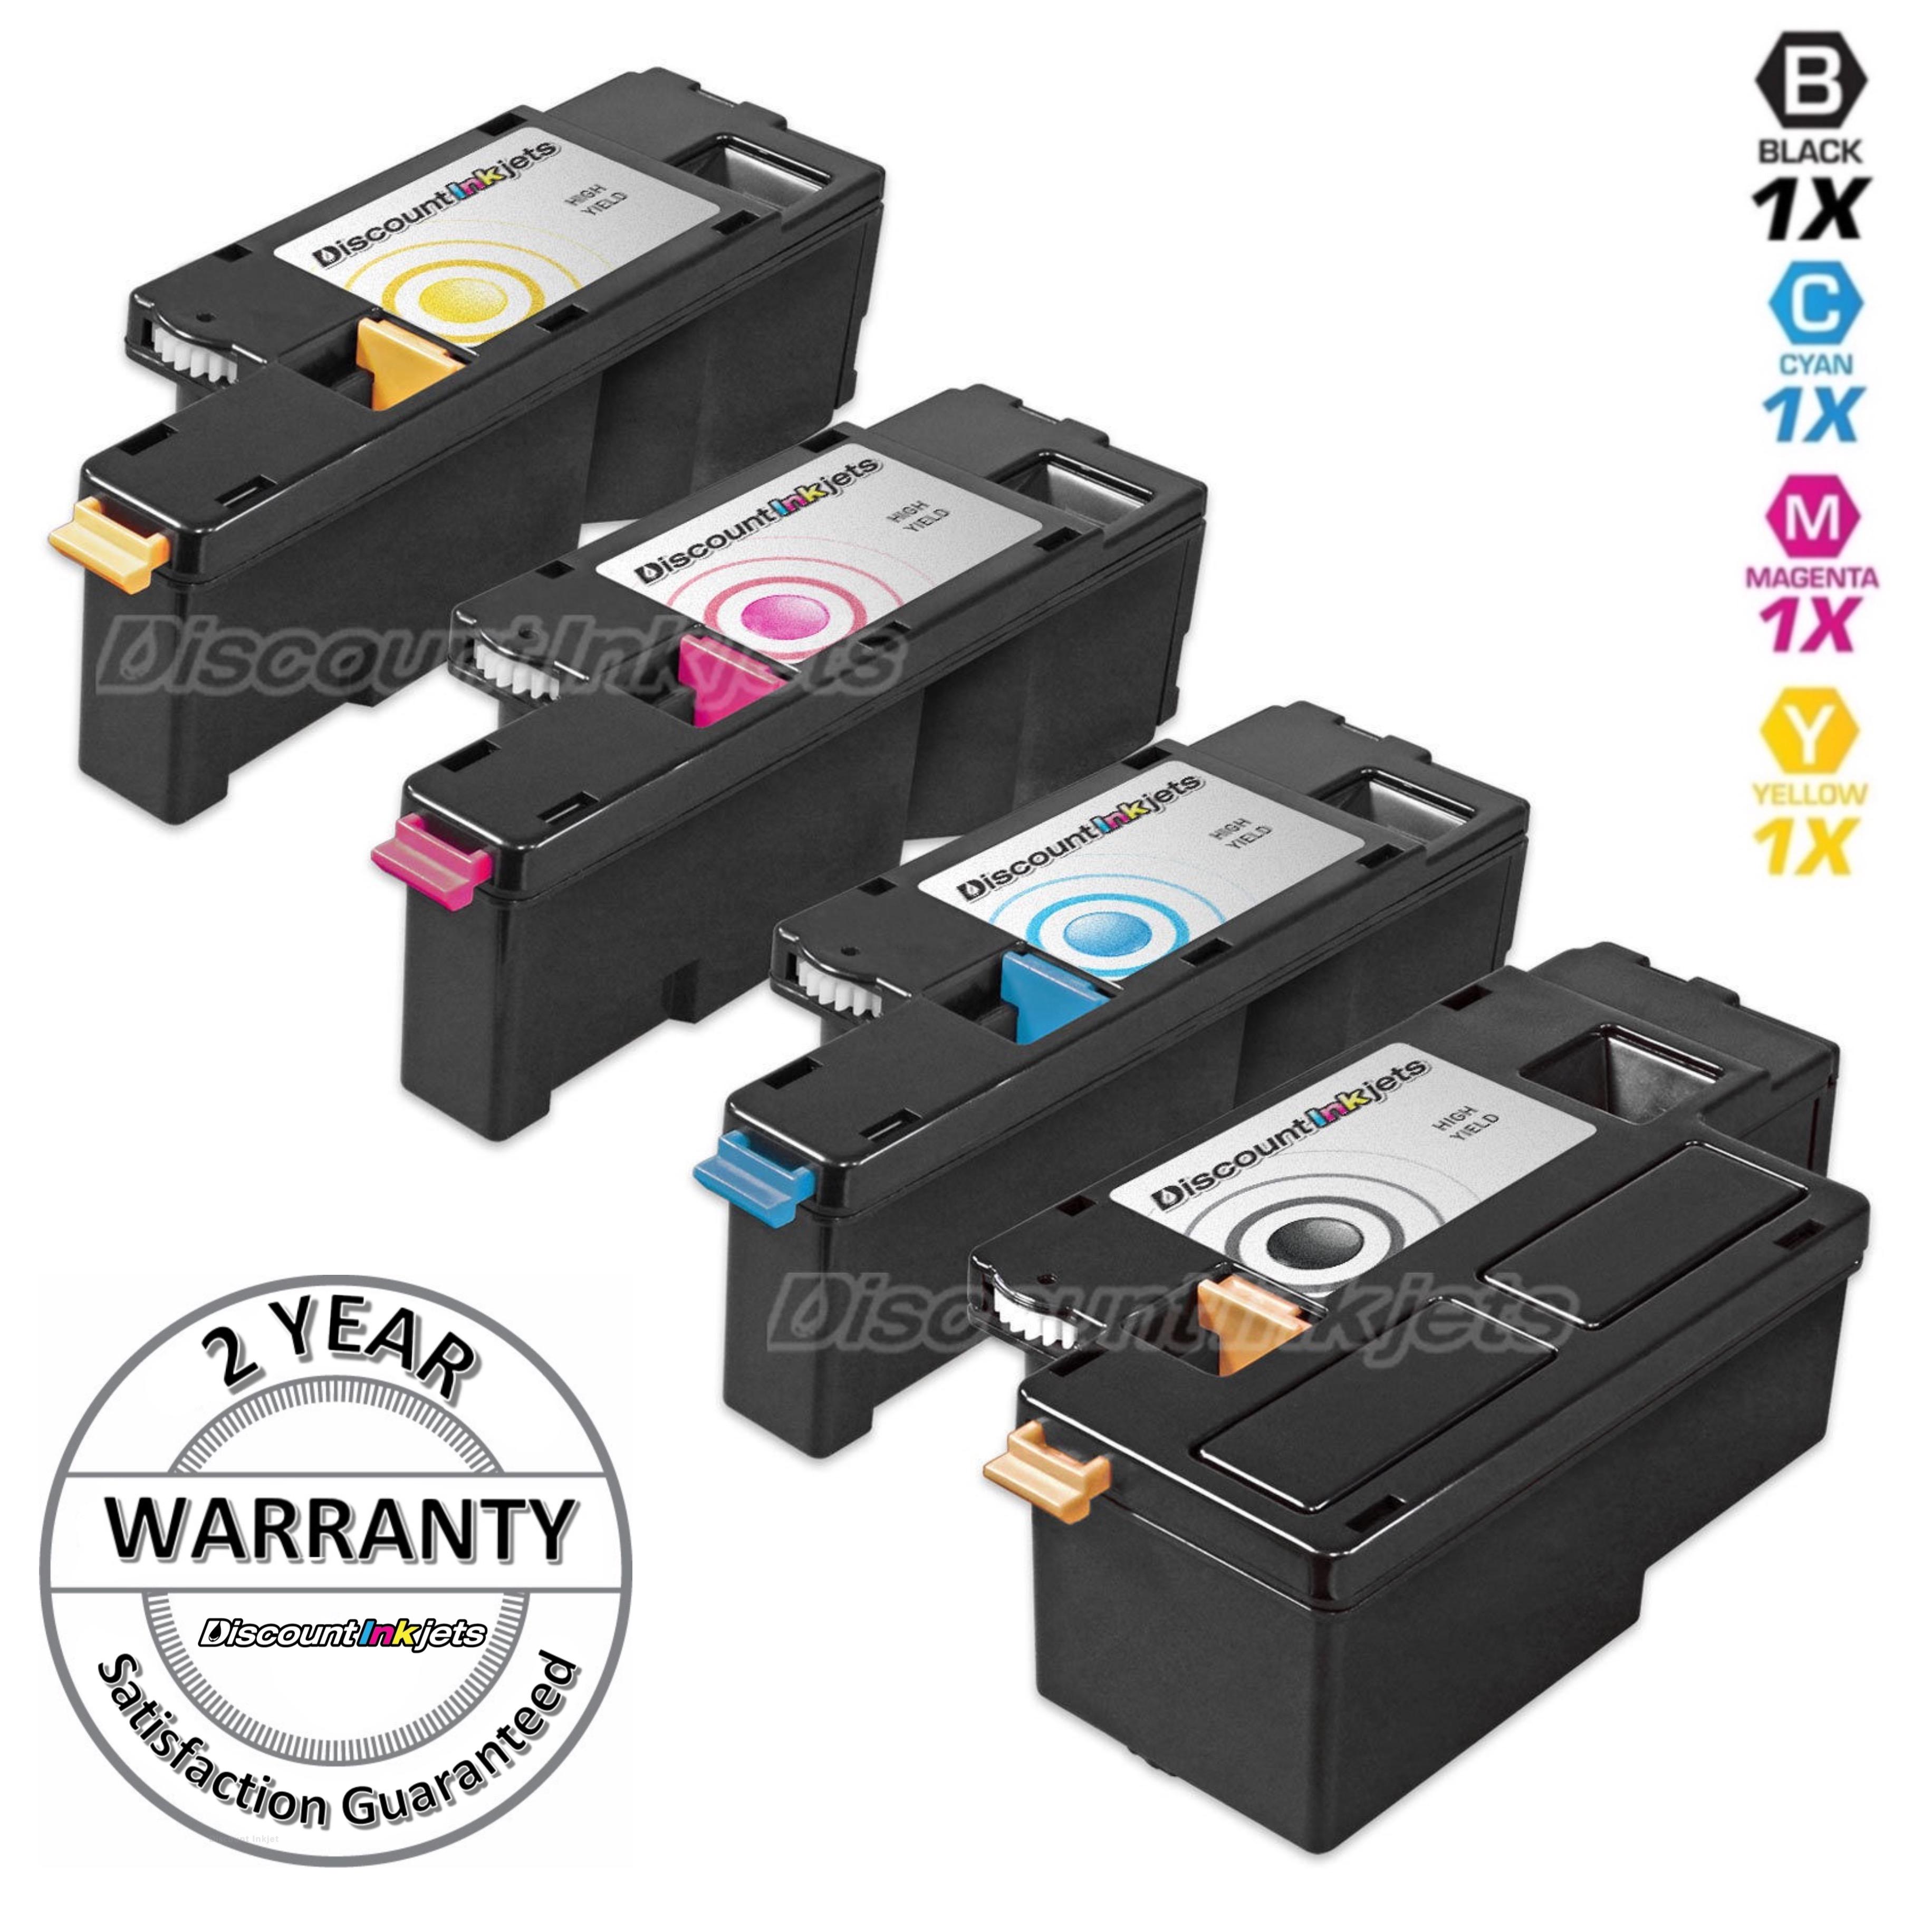 4pk Black Color Printer Laser Toner Cartridge For Dell C1765nfw